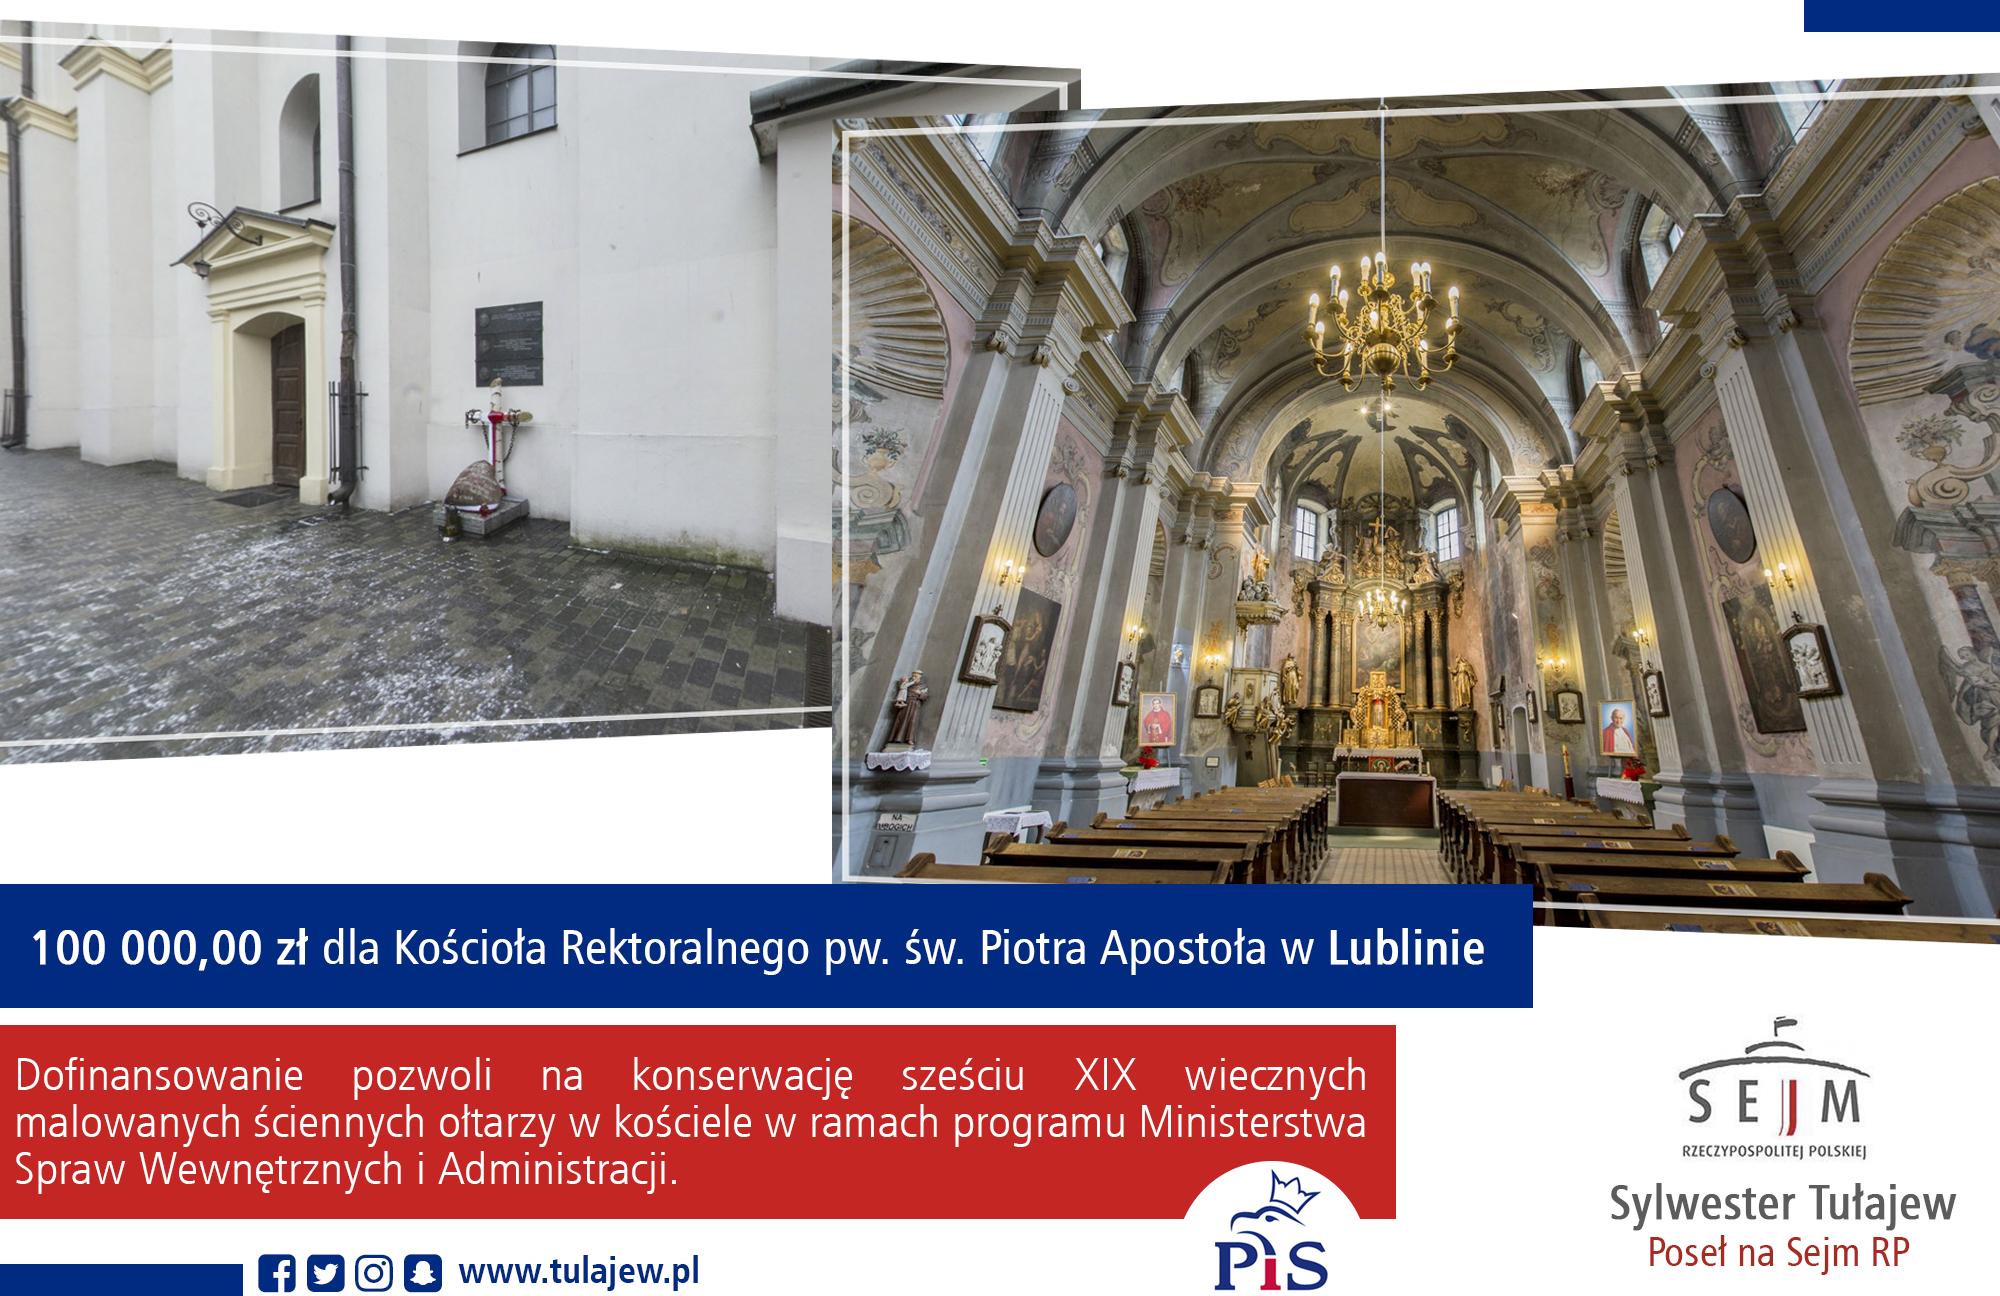 Kościół Rektoralny pw. św